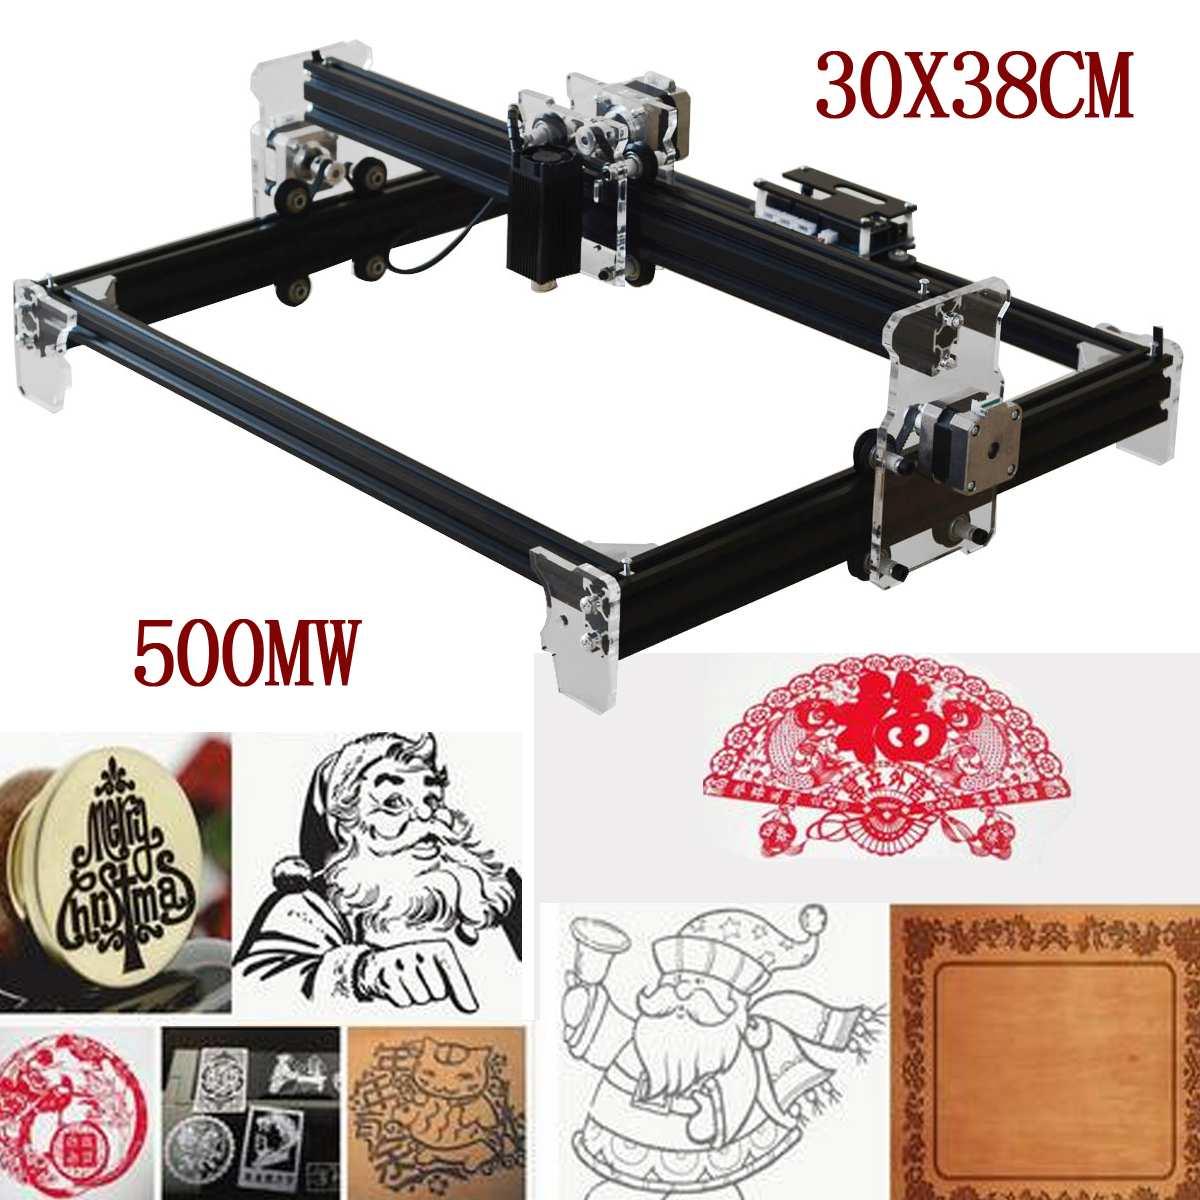 500 MW/2500 MW/5500 MW A3 30X38 CM bricolage Mini Graveur Laser CNC logo bricolage Marque Imprimante Coupeur de Bois Routeur Sculpture Gravure Machine